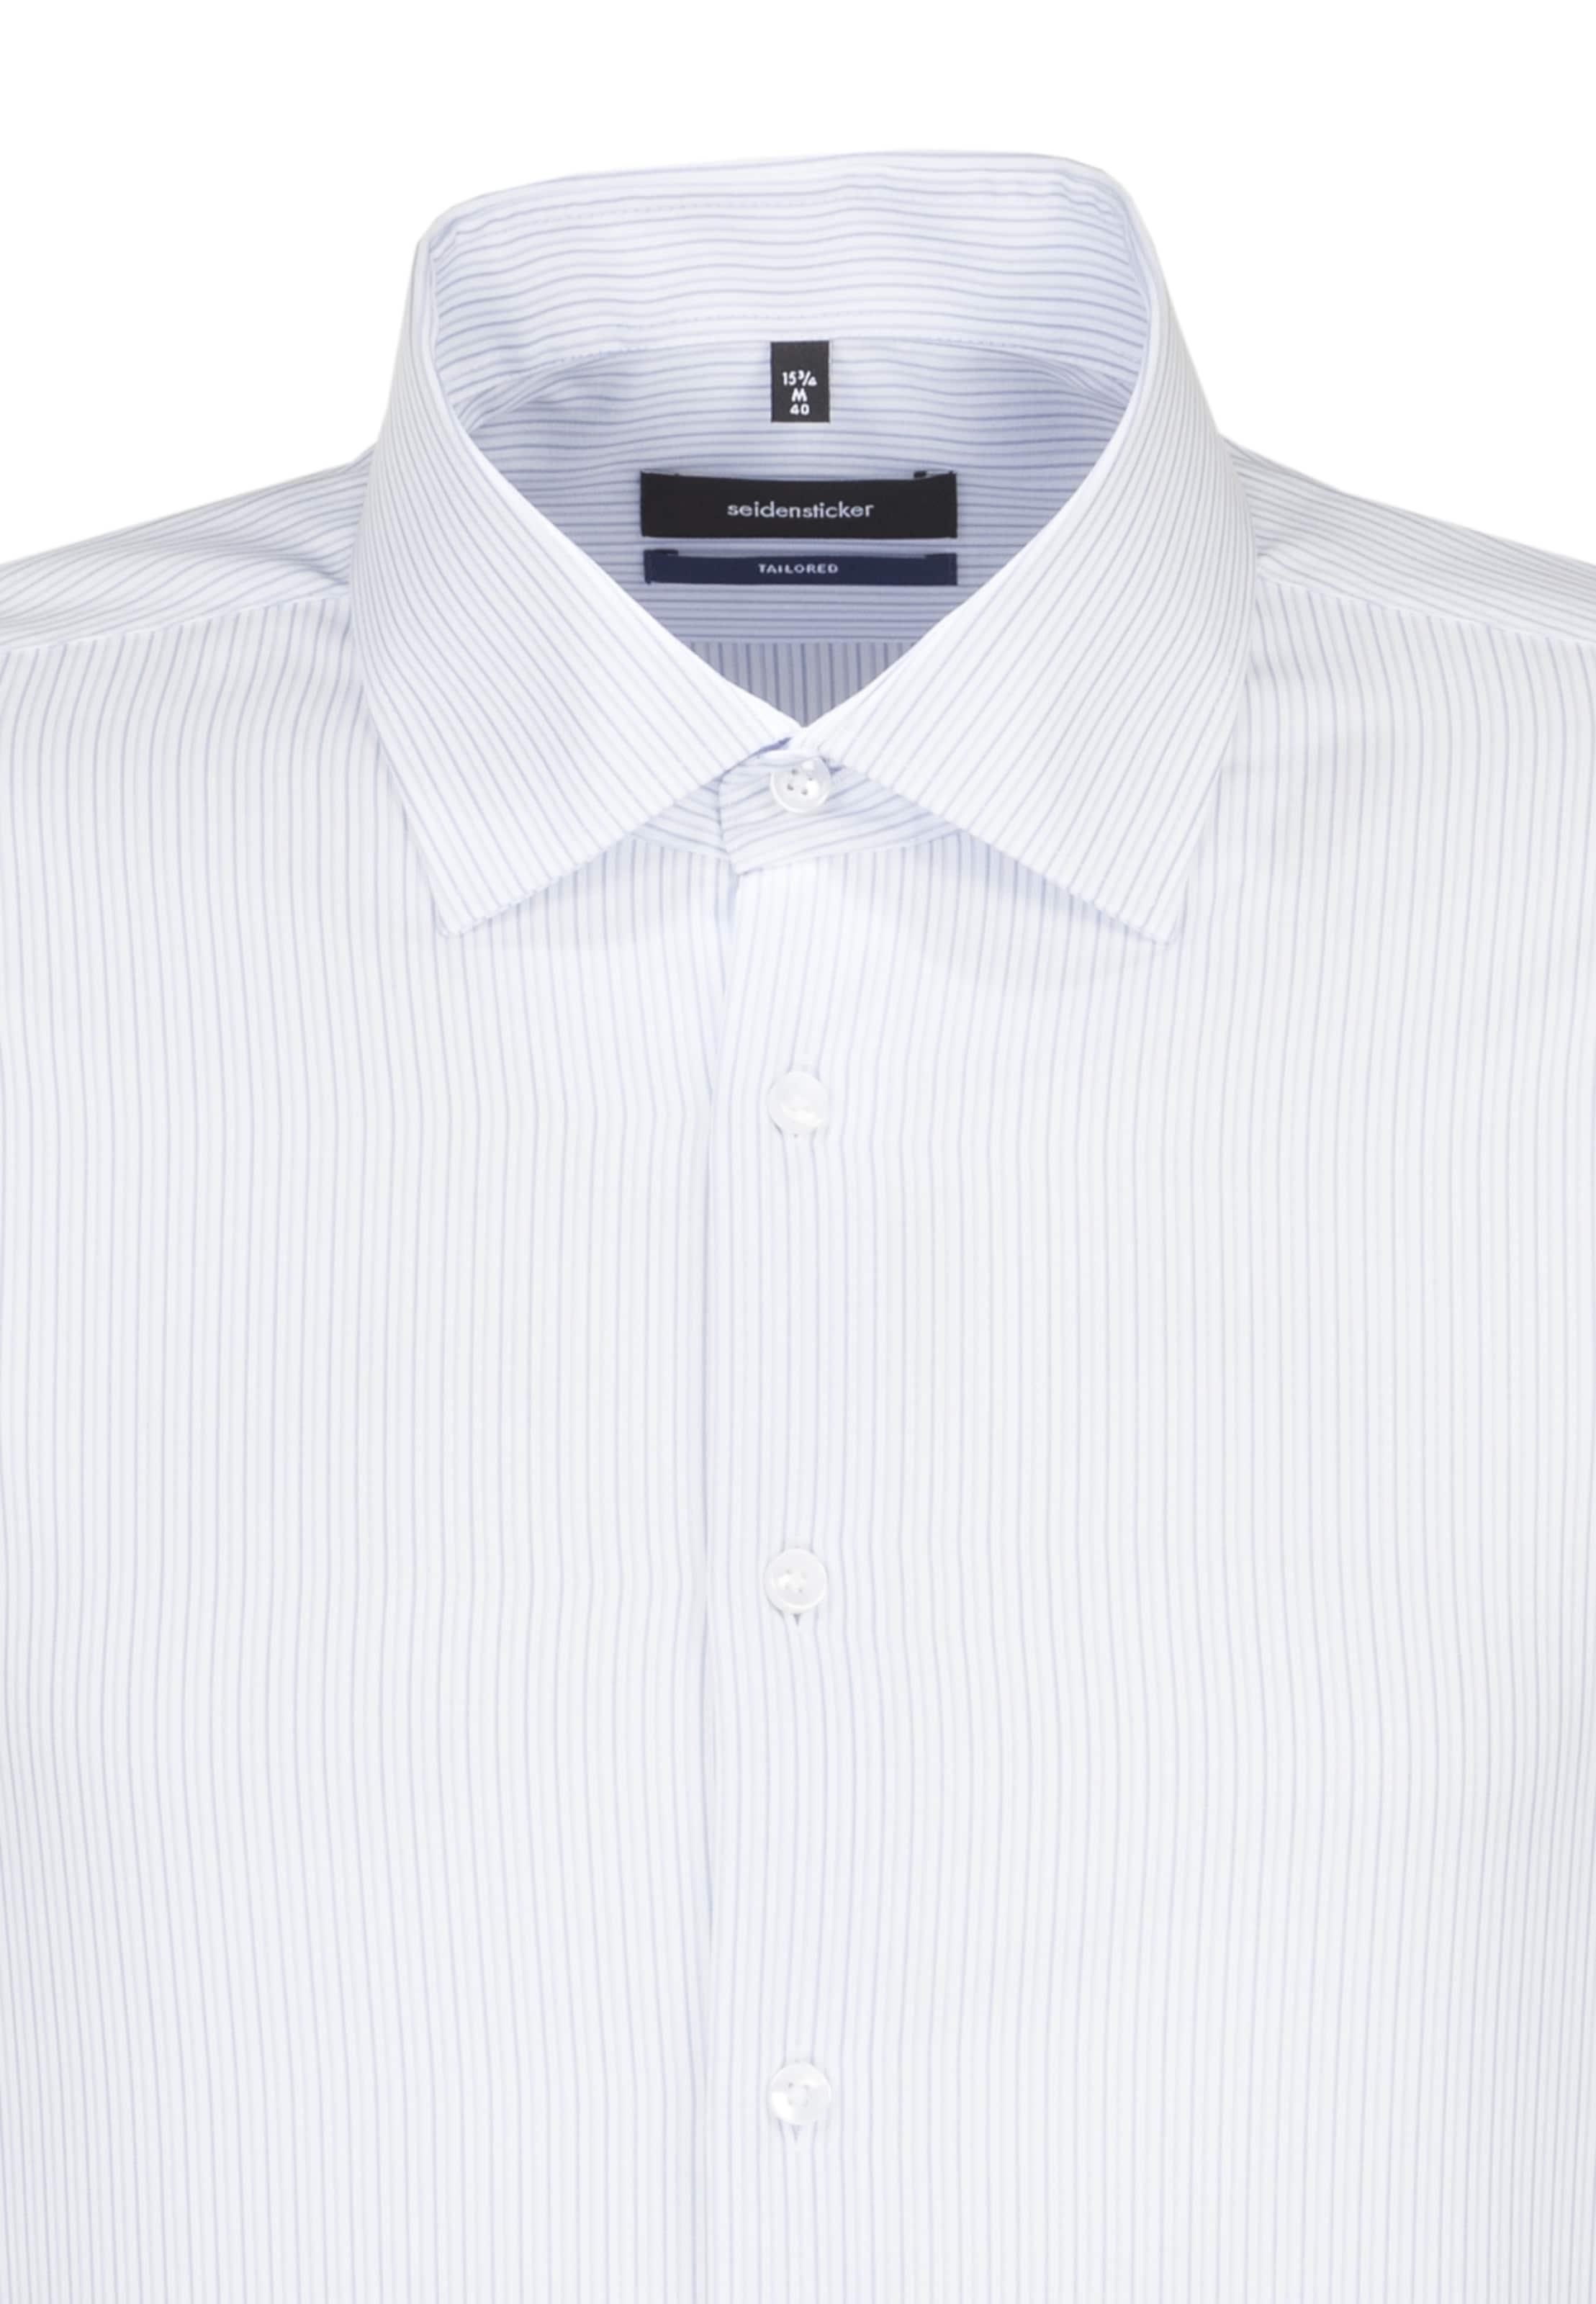 HellblauWeiß Hemd Business 'tailored' Seidensticker In QdrCBoxeW